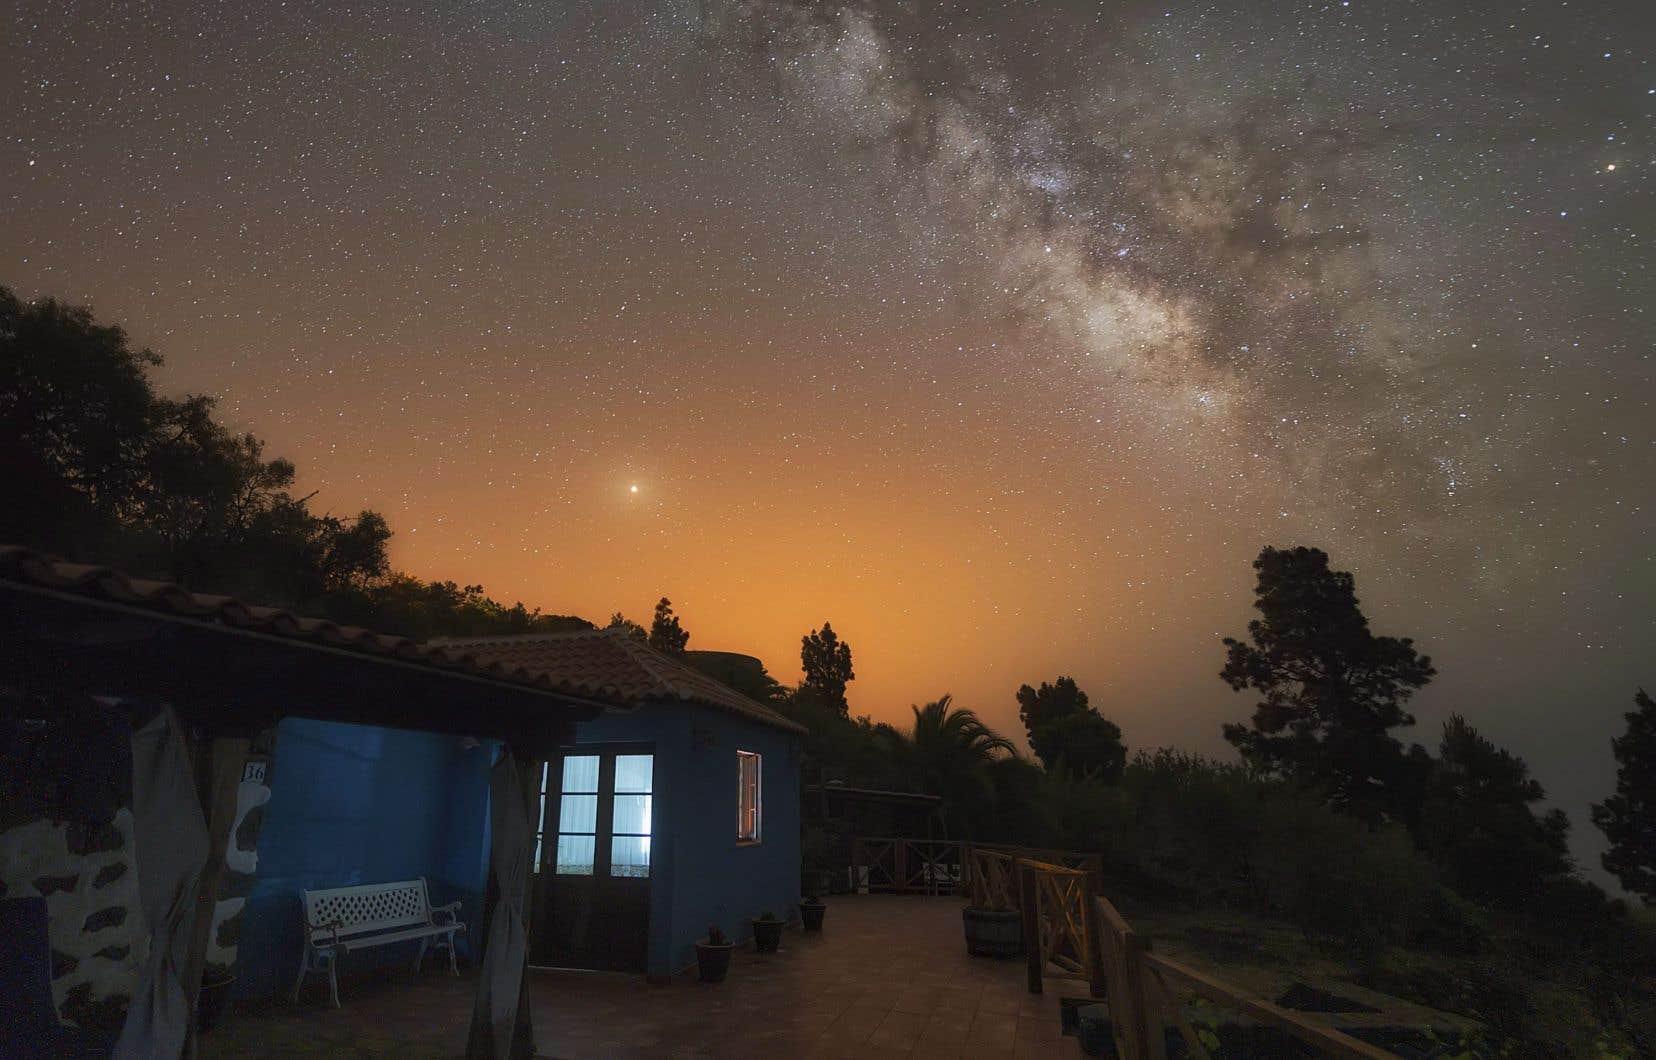 <p>À l'oeil nu, on verra un point brillant, mais avec une lunette ou un télescope, il sera possible d'observer Mars dans les détails.</p>